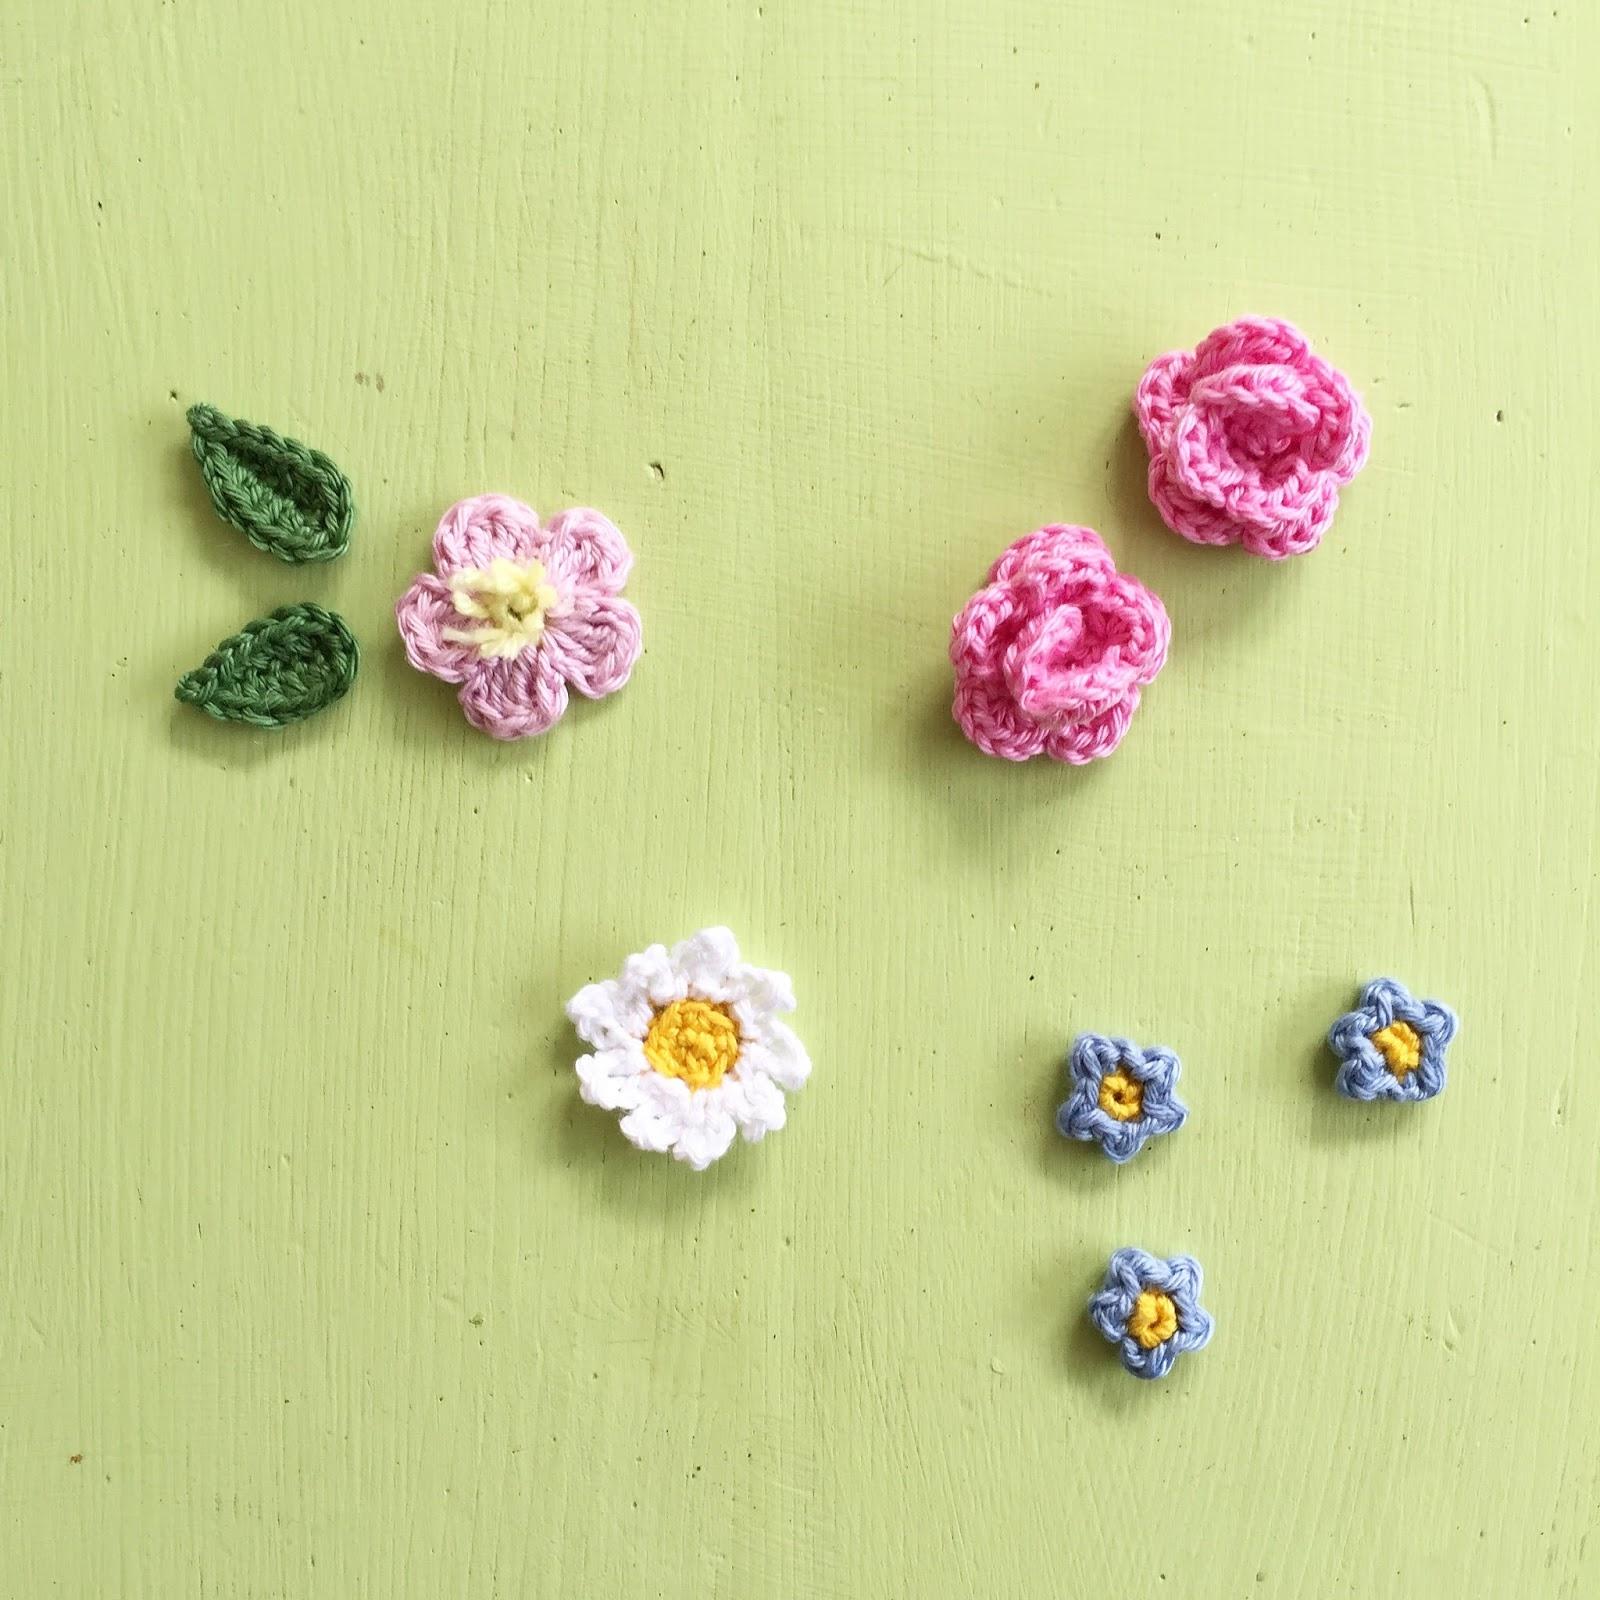 Zauberhafte Gehäkelte Blütenhaarspangen Und Ein Gehäkeltes